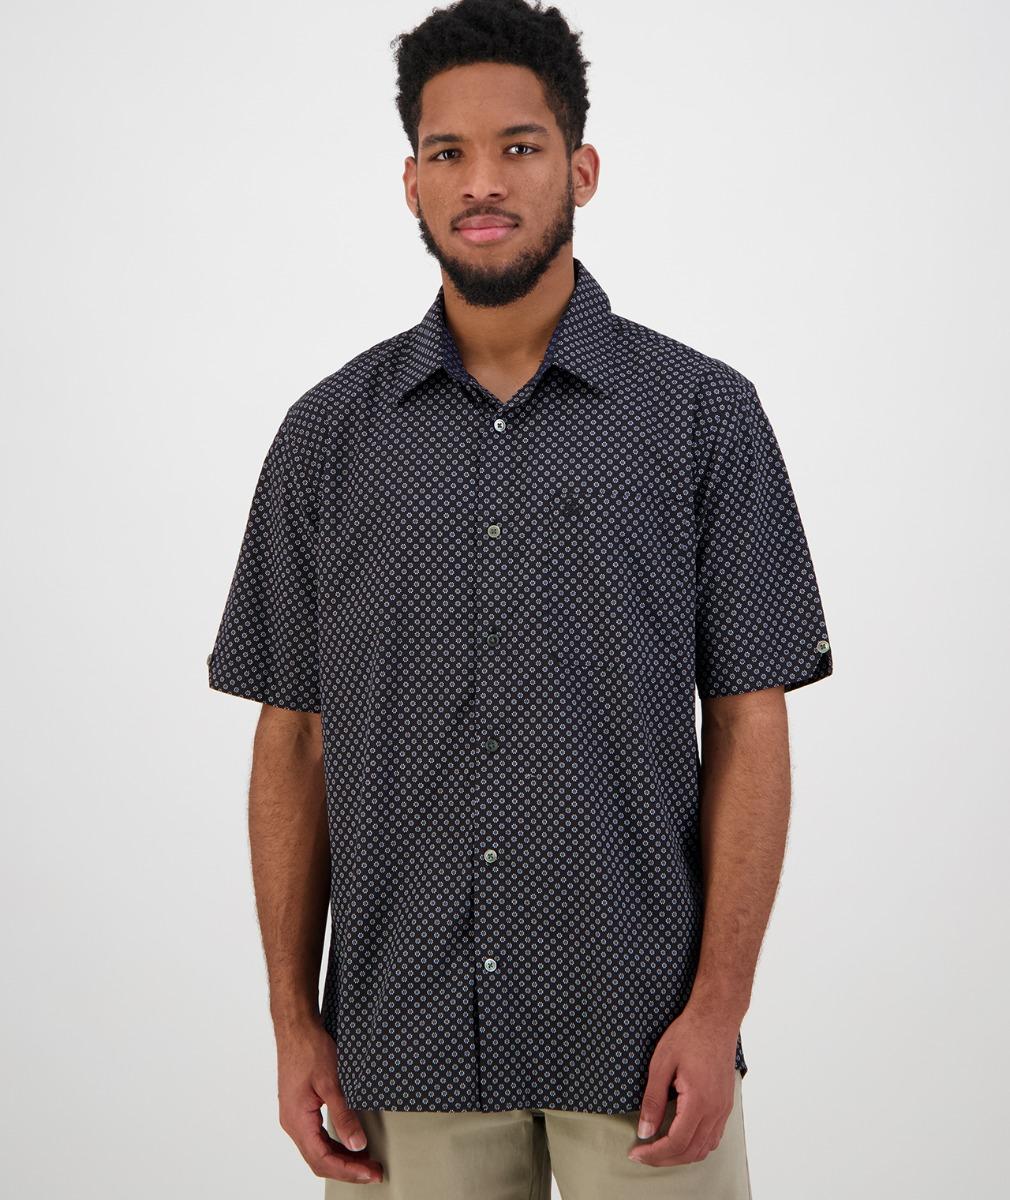 Swanndri Men's Orleans Short Sleeve Shirt in White